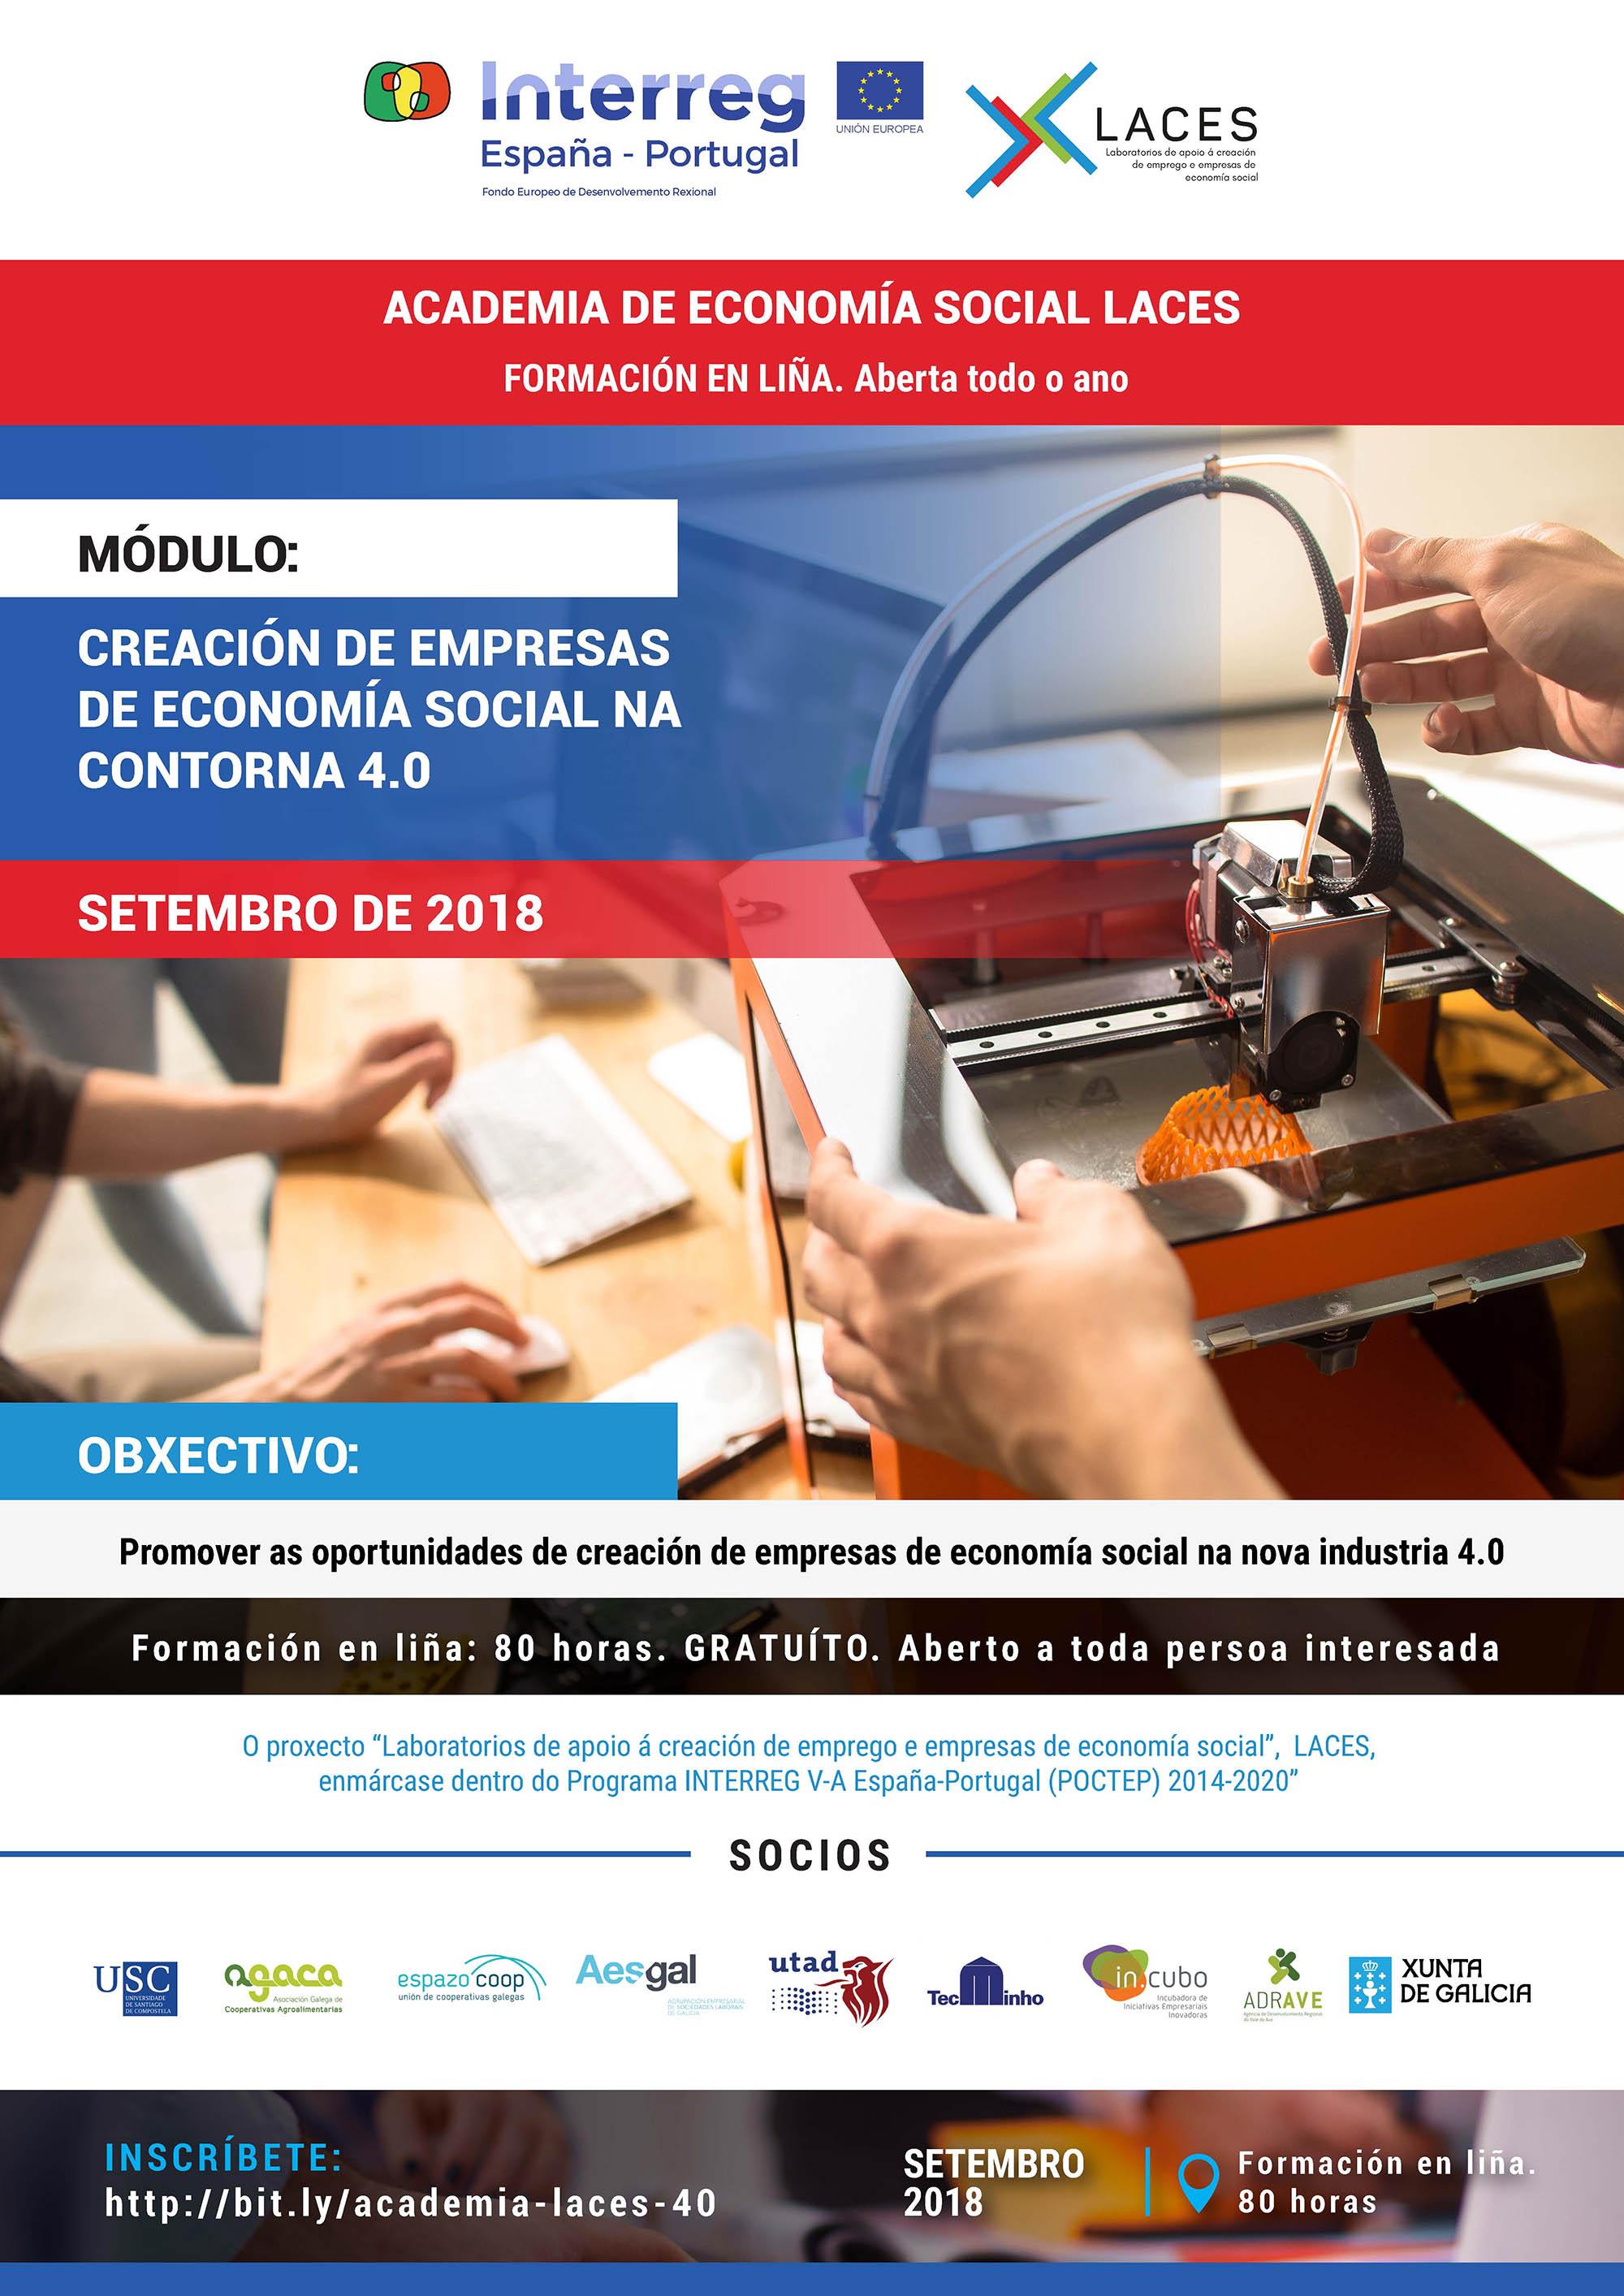 El Módulo de Creación de Empresas de Economía Social en el entorno 4.0 comienza en septiembre